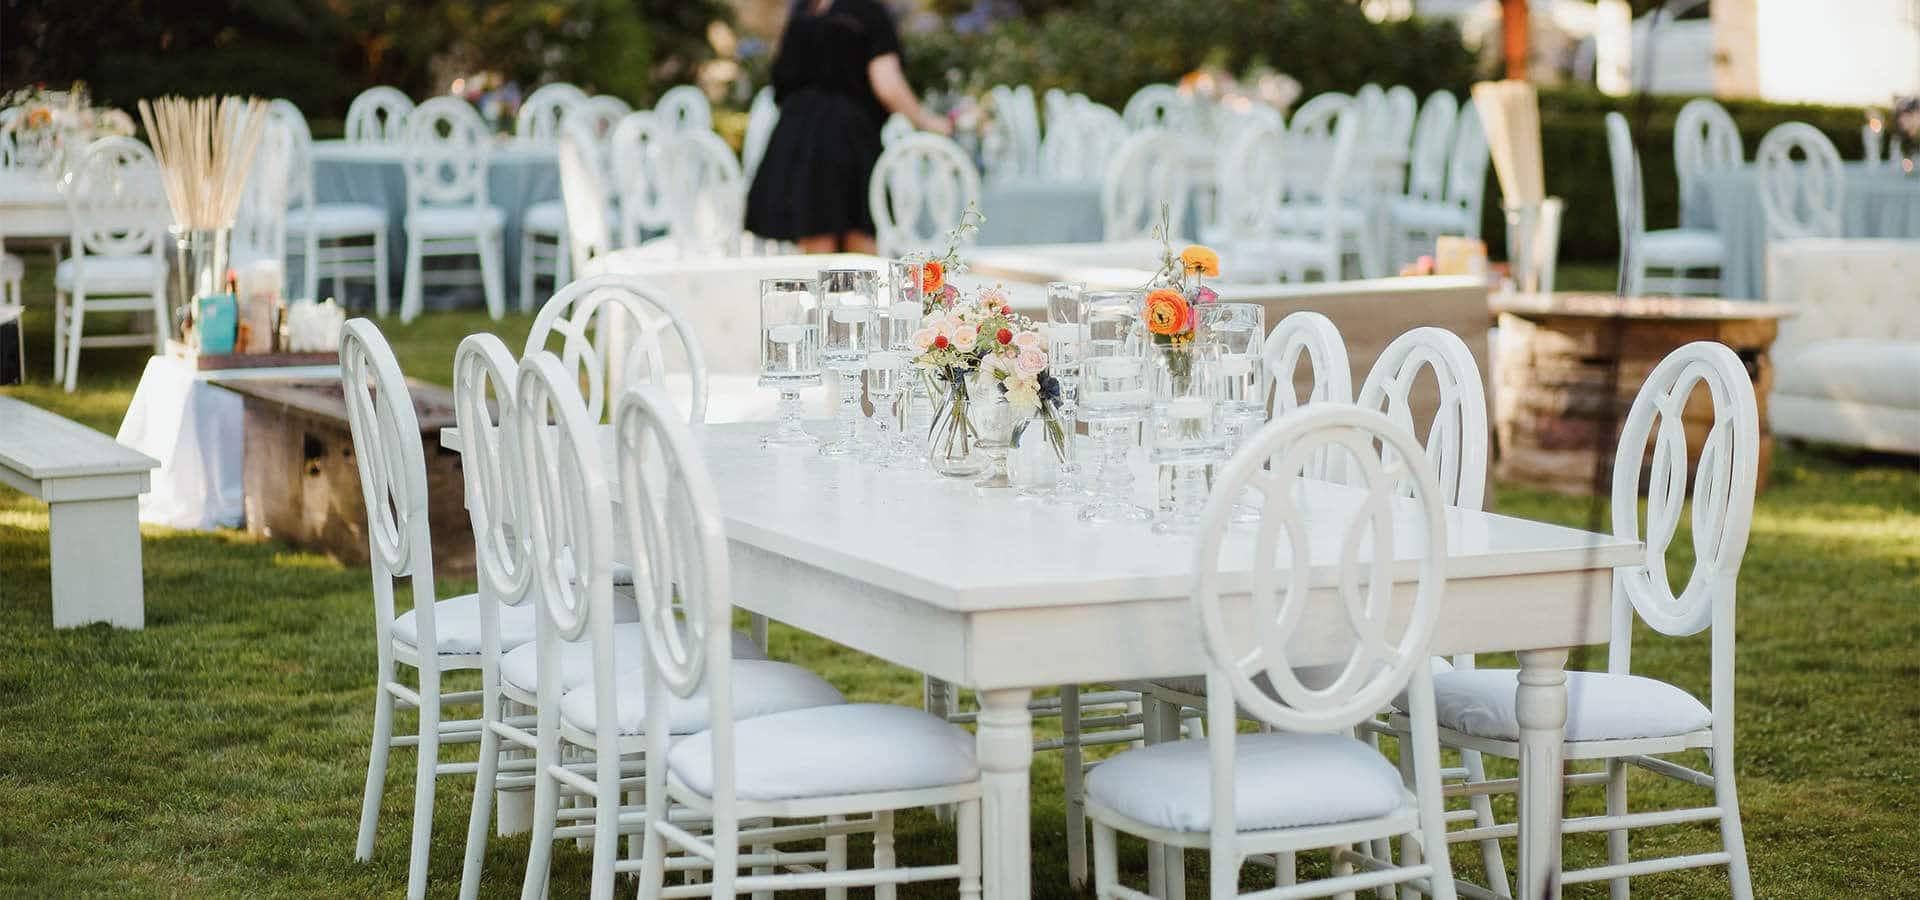 stuart wedding rentals